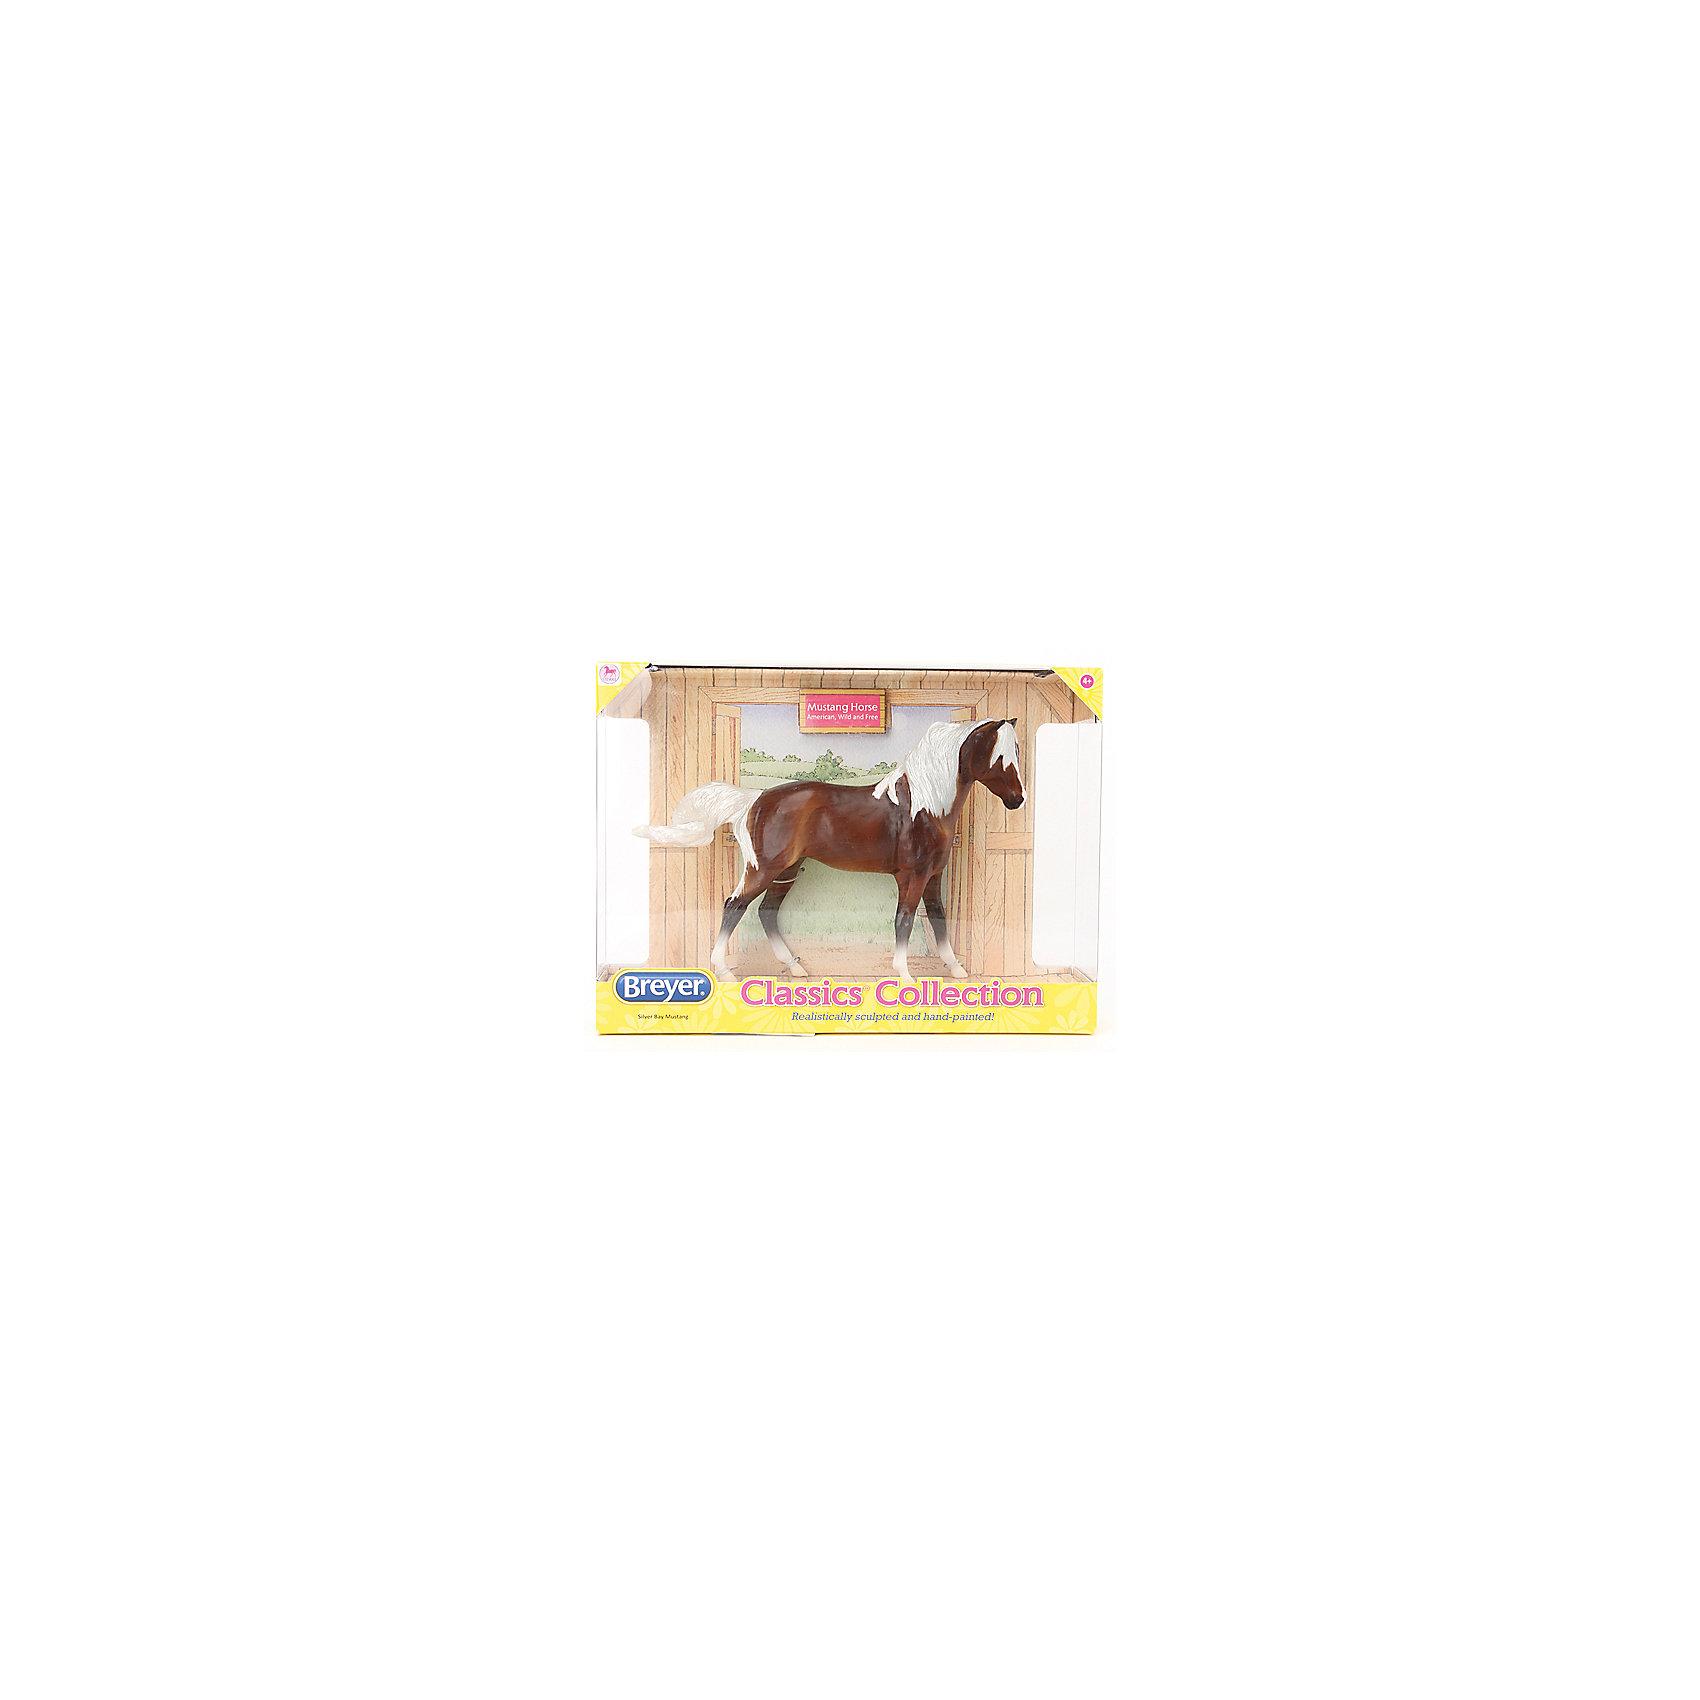 Лошадь Мустанг, серебристо-гнедой, BreyerВаш ребенок всерьез мечтает о собственной лошадке, но, конечно, в домашних условиях его мечта останется только мечтой? Модель лошади Мустанг серебристо-гнедой обязательно понравится детям и познакомит их с замечательными дикими лошадьми- мустангами, все еще живущими на территории Америки. Мустанг- это даже не порода, а тип. Их предками были лошади, завезенные в Новый Свет первыми переселенцами, и по каким-то причинам оставшиеся без опеки человека (война, отбились от табуна, потерялись и т.д.).  Мустанги могут очень сильно различаться между собой по внешнему виду, потому что их предки были разных пород. Так что среди них можно легко встретить как маленькую лохматую лошадку с толстыми боками, так и высокого длинноногого красавца. Ребенку понравится играть с такой лошадкой, она прекрасно детализирована, выполнена в масштабе 1:12 и очень реалистично раскрашена. Игрушка изготовлена из высококачественных безопасных для детей материалов. Собери всю коллекцию лошадок, ухаживай за ними, устраивай скачки и показательные выступления.<br><br>Дополнительная информация:<br><br>- Материал: пластик.<br>- Размер: 23х15 см.<br>- Масштаб: 1:12<br><br>Лошадь Мустанг, серебристо-гнедой, Breyer можно купить в нашем магазине.<br><br>Ширина мм: 279<br>Глубина мм: 67<br>Высота мм: 203<br>Вес г: 277<br>Возраст от месяцев: 48<br>Возраст до месяцев: 180<br>Пол: Унисекс<br>Возраст: Детский<br>SKU: 4046565